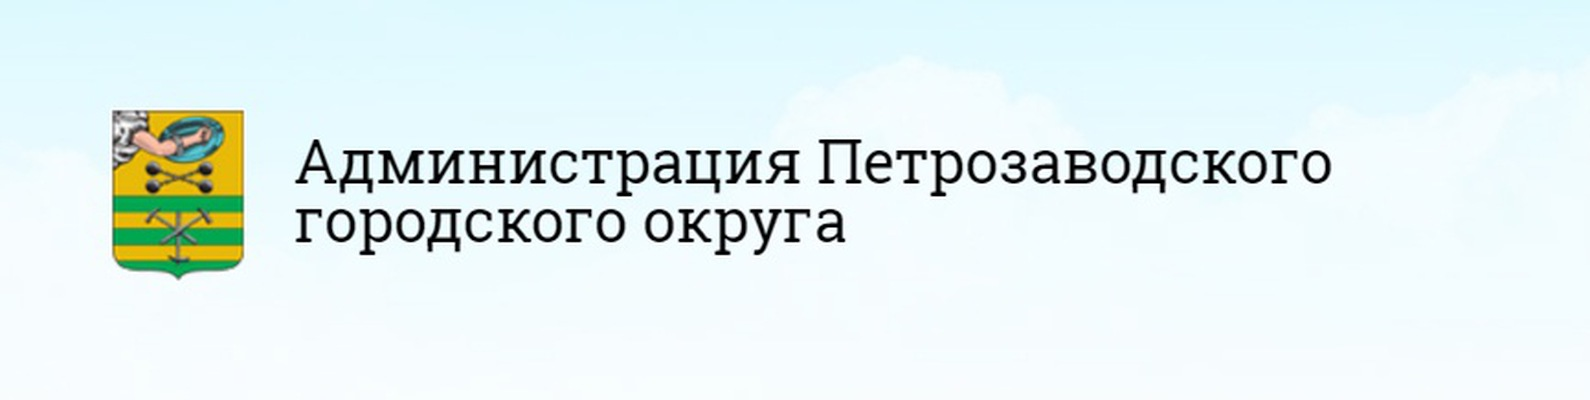 картинка территории петрозаводского городского округа